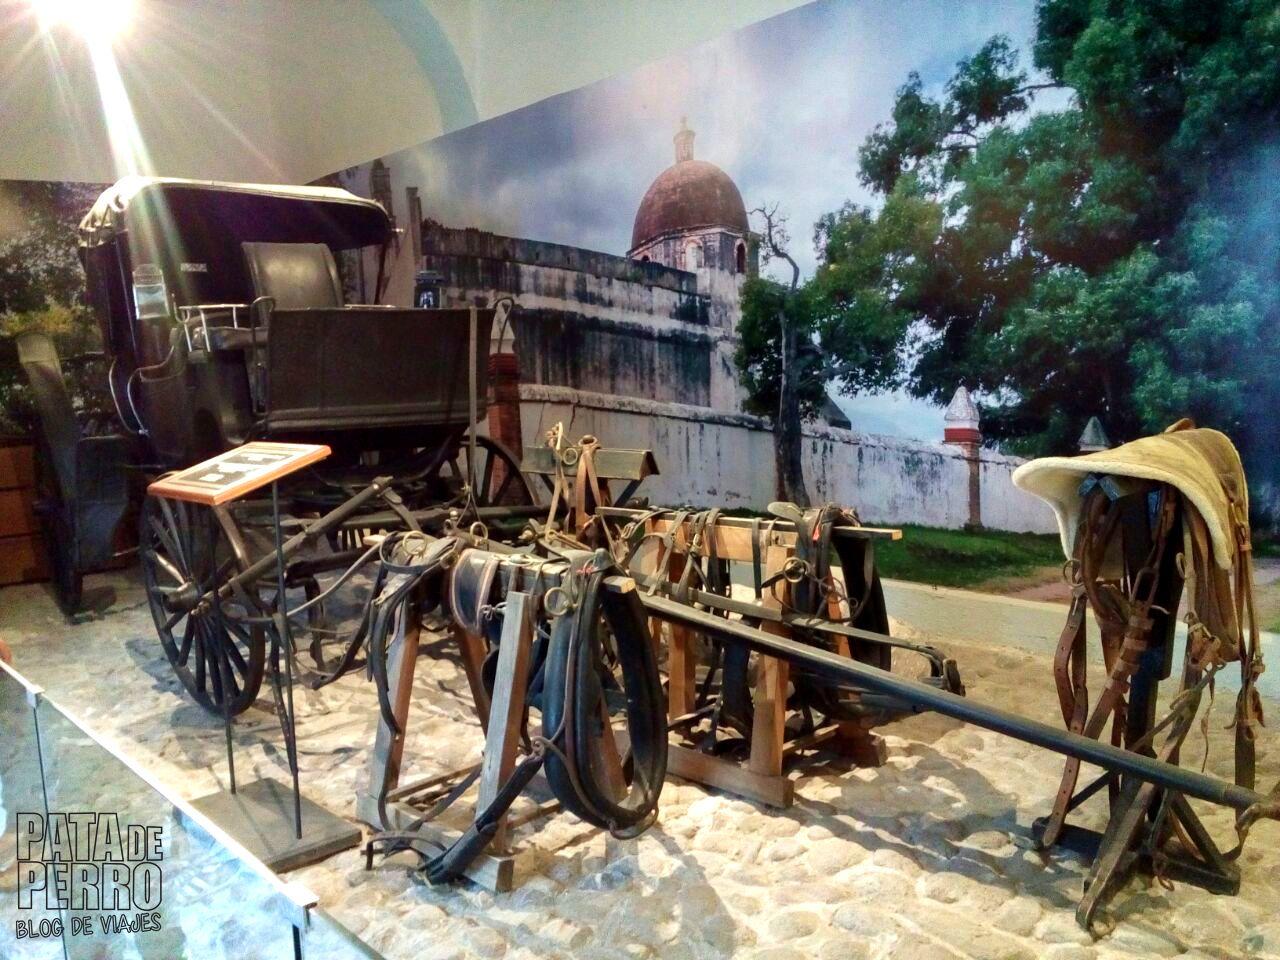 museo-regional-de-la-revolucion-mexicana-casa-de-los-hermanos-serdan-pata-de-perro-blog-de-viajes13